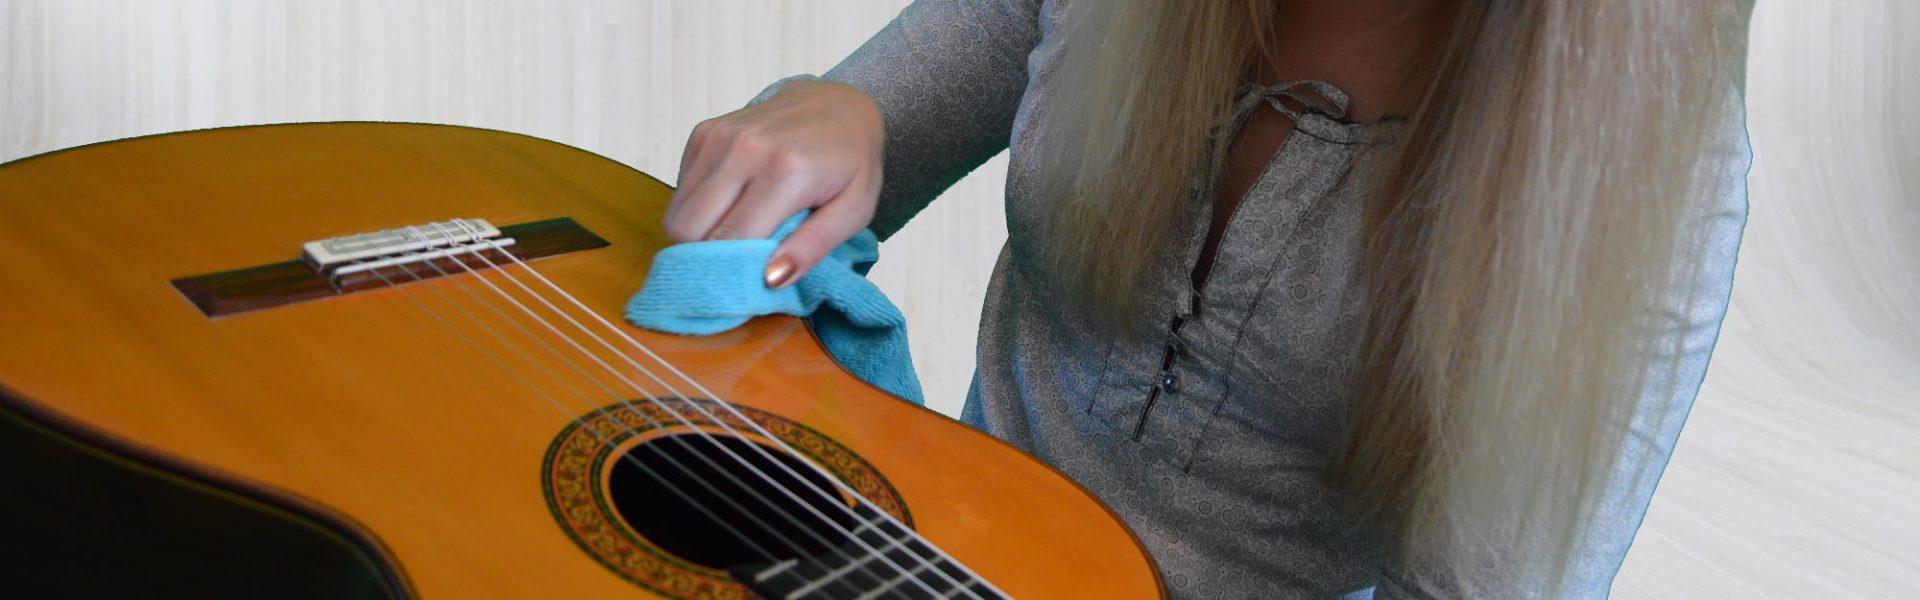 Gitarrenpflege Schellack